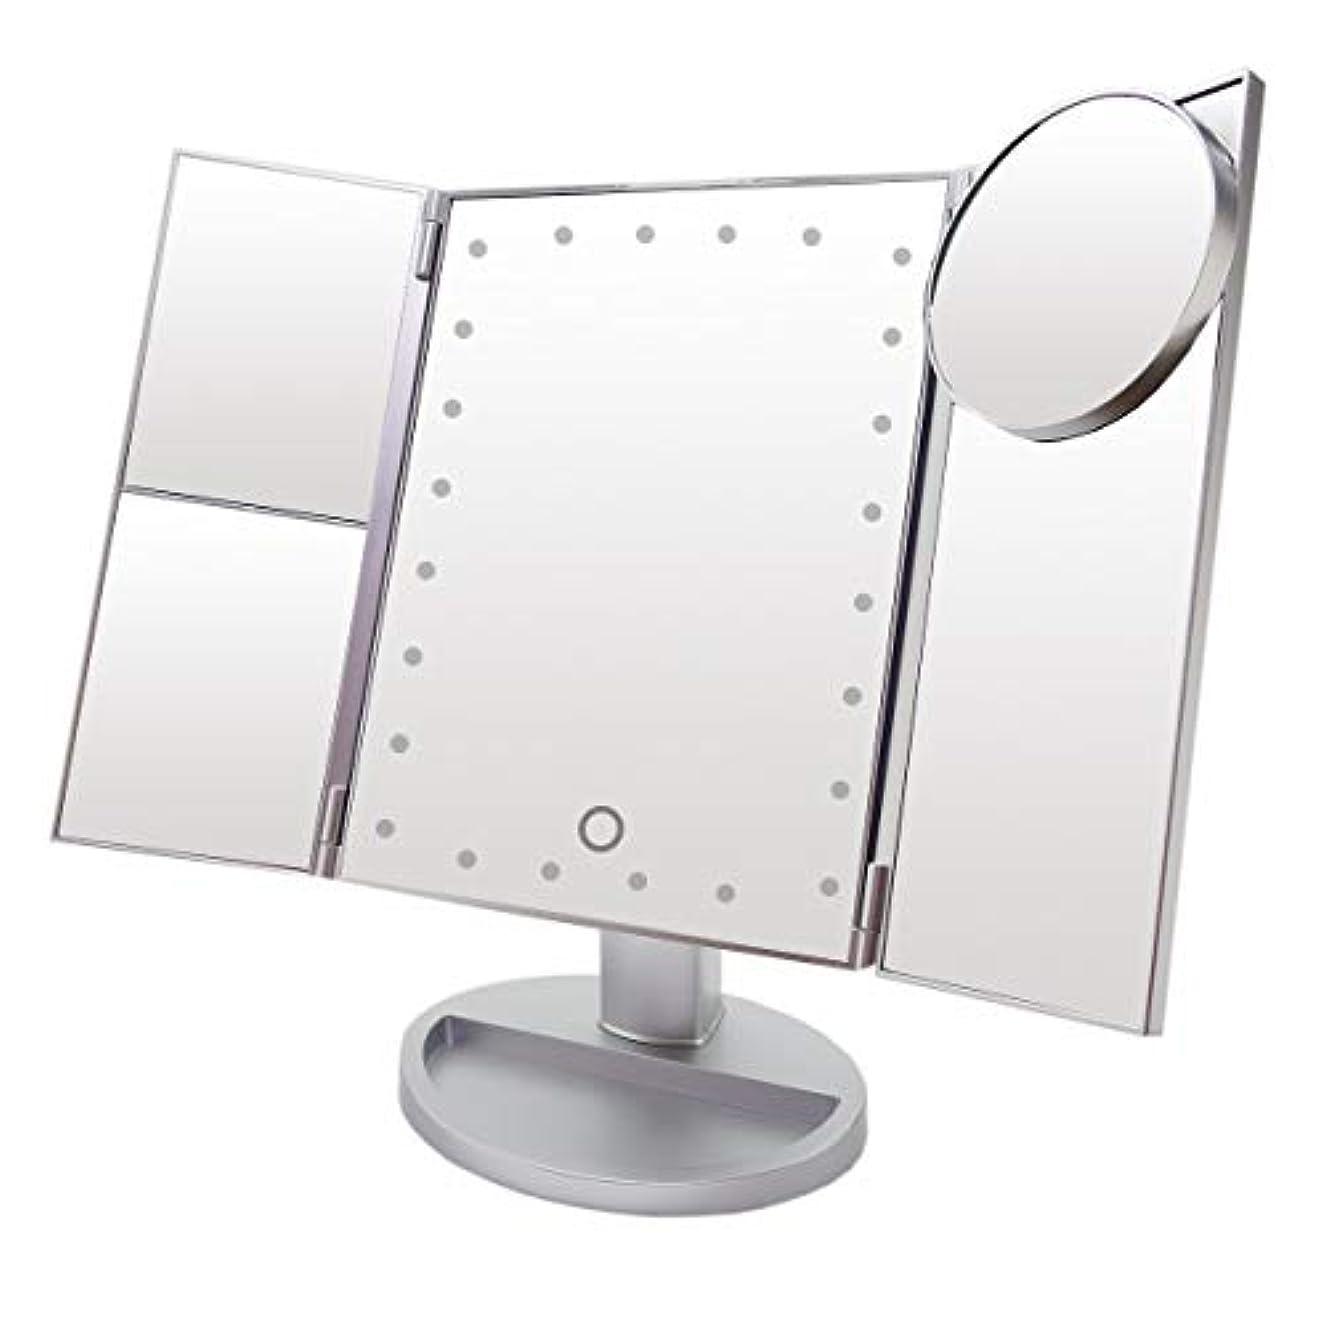 連隊再生過去La Curie LED付き三面鏡 卓上スタンドミラー 化粧鏡 LEDライト21灯 2倍&3倍拡大鏡付き 折りたたみ式 スタンド ミラー タッチパネル 明るさ 角度自由調整 12ヶ月保証&日本語説明書 (シルバー) LaCurie009